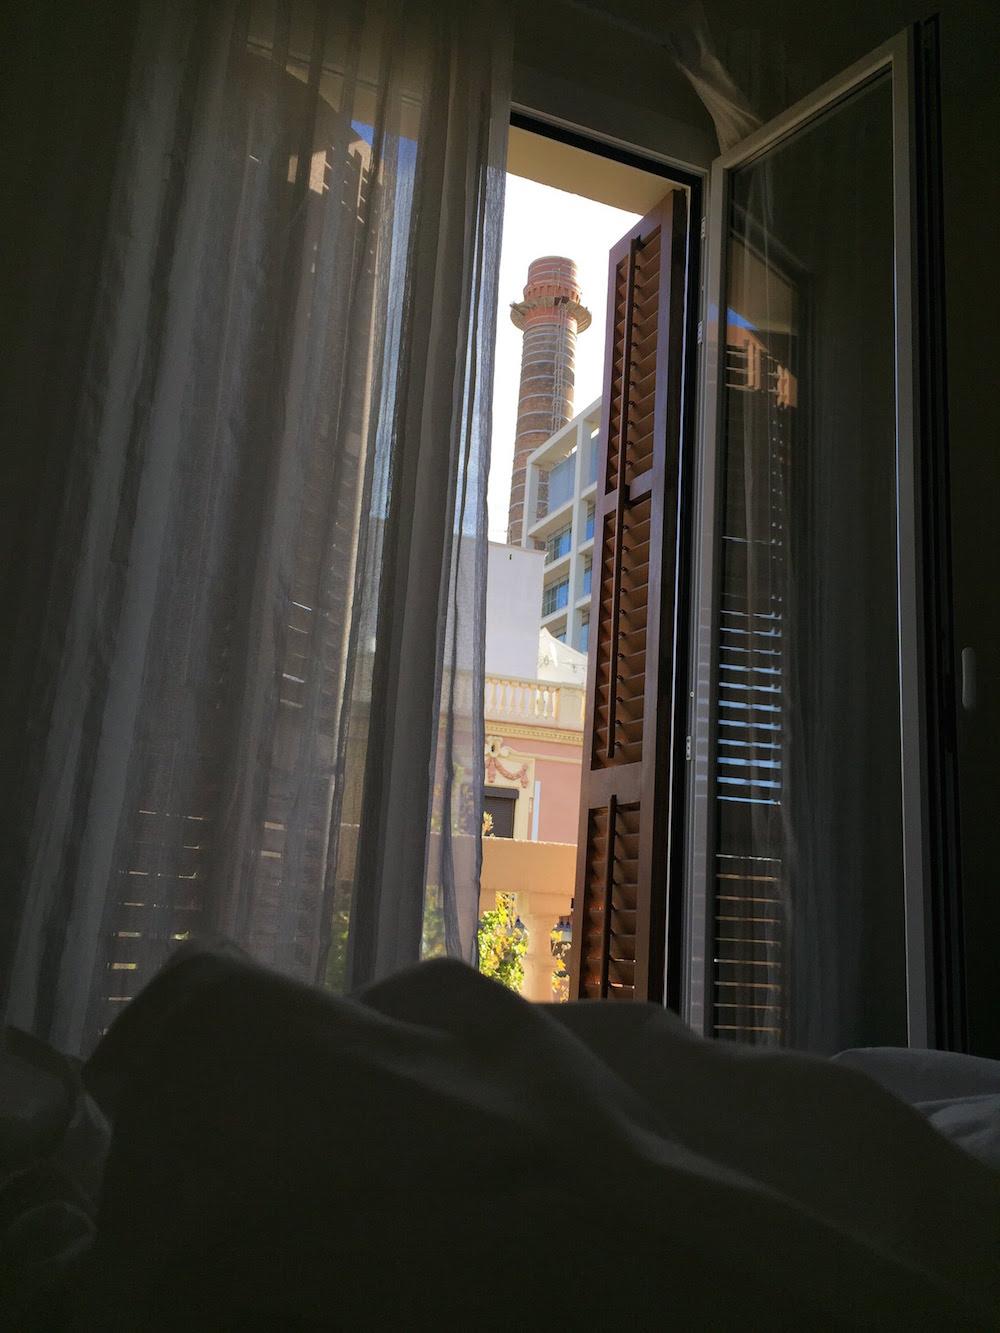 Schwuler Urlaub: Aufwachen in einer privaten FeWo